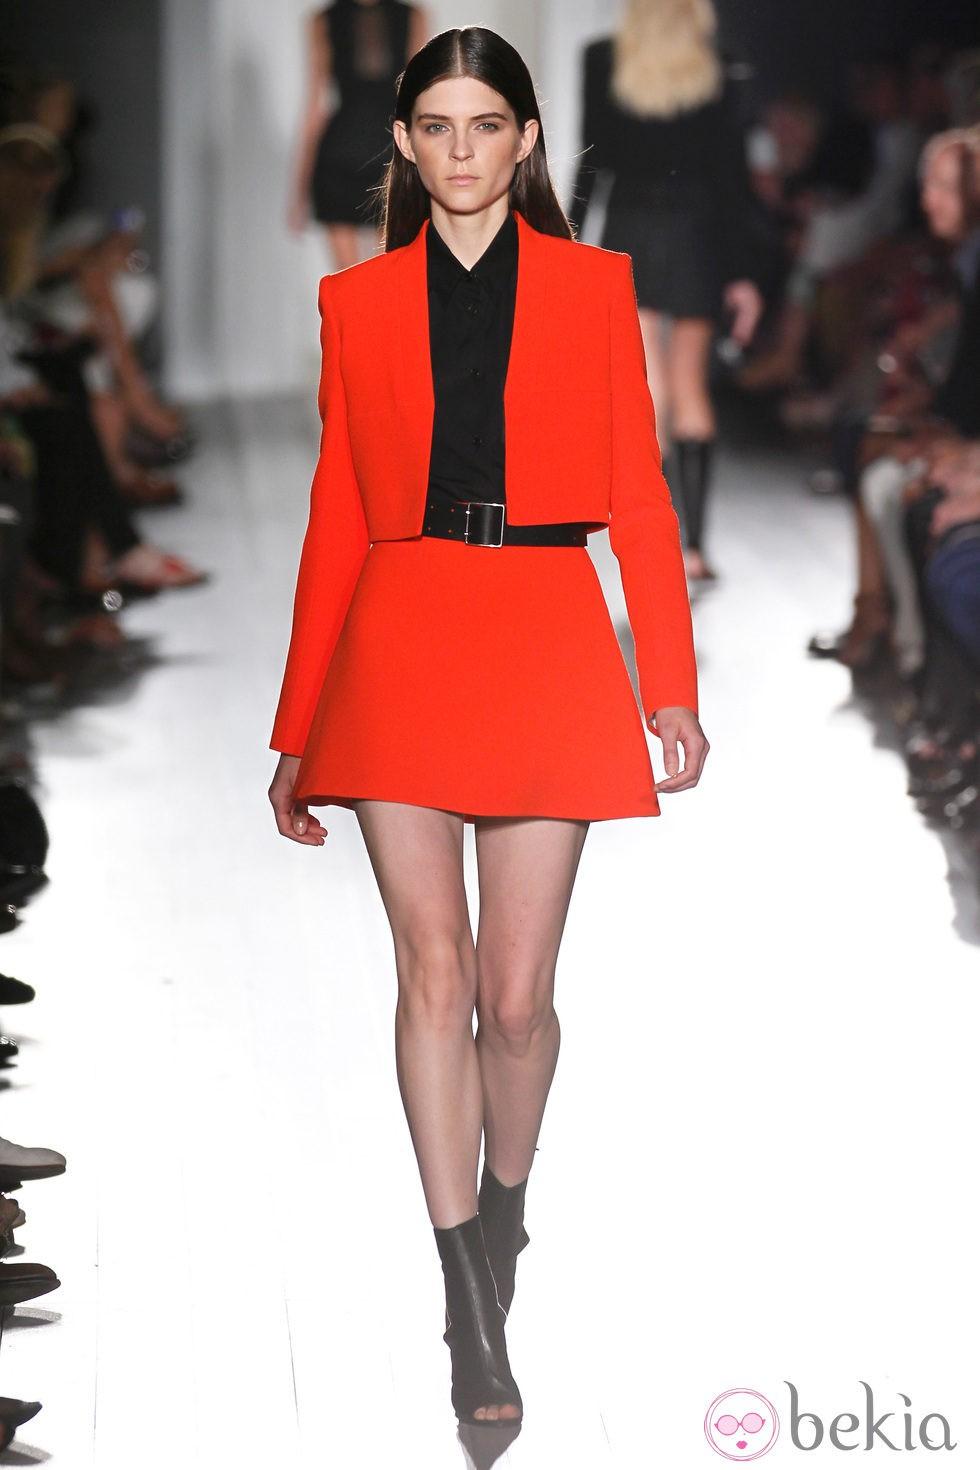 ae25665fd Falda y chaqueta roja de la colección primavera/verano 2013 de ...